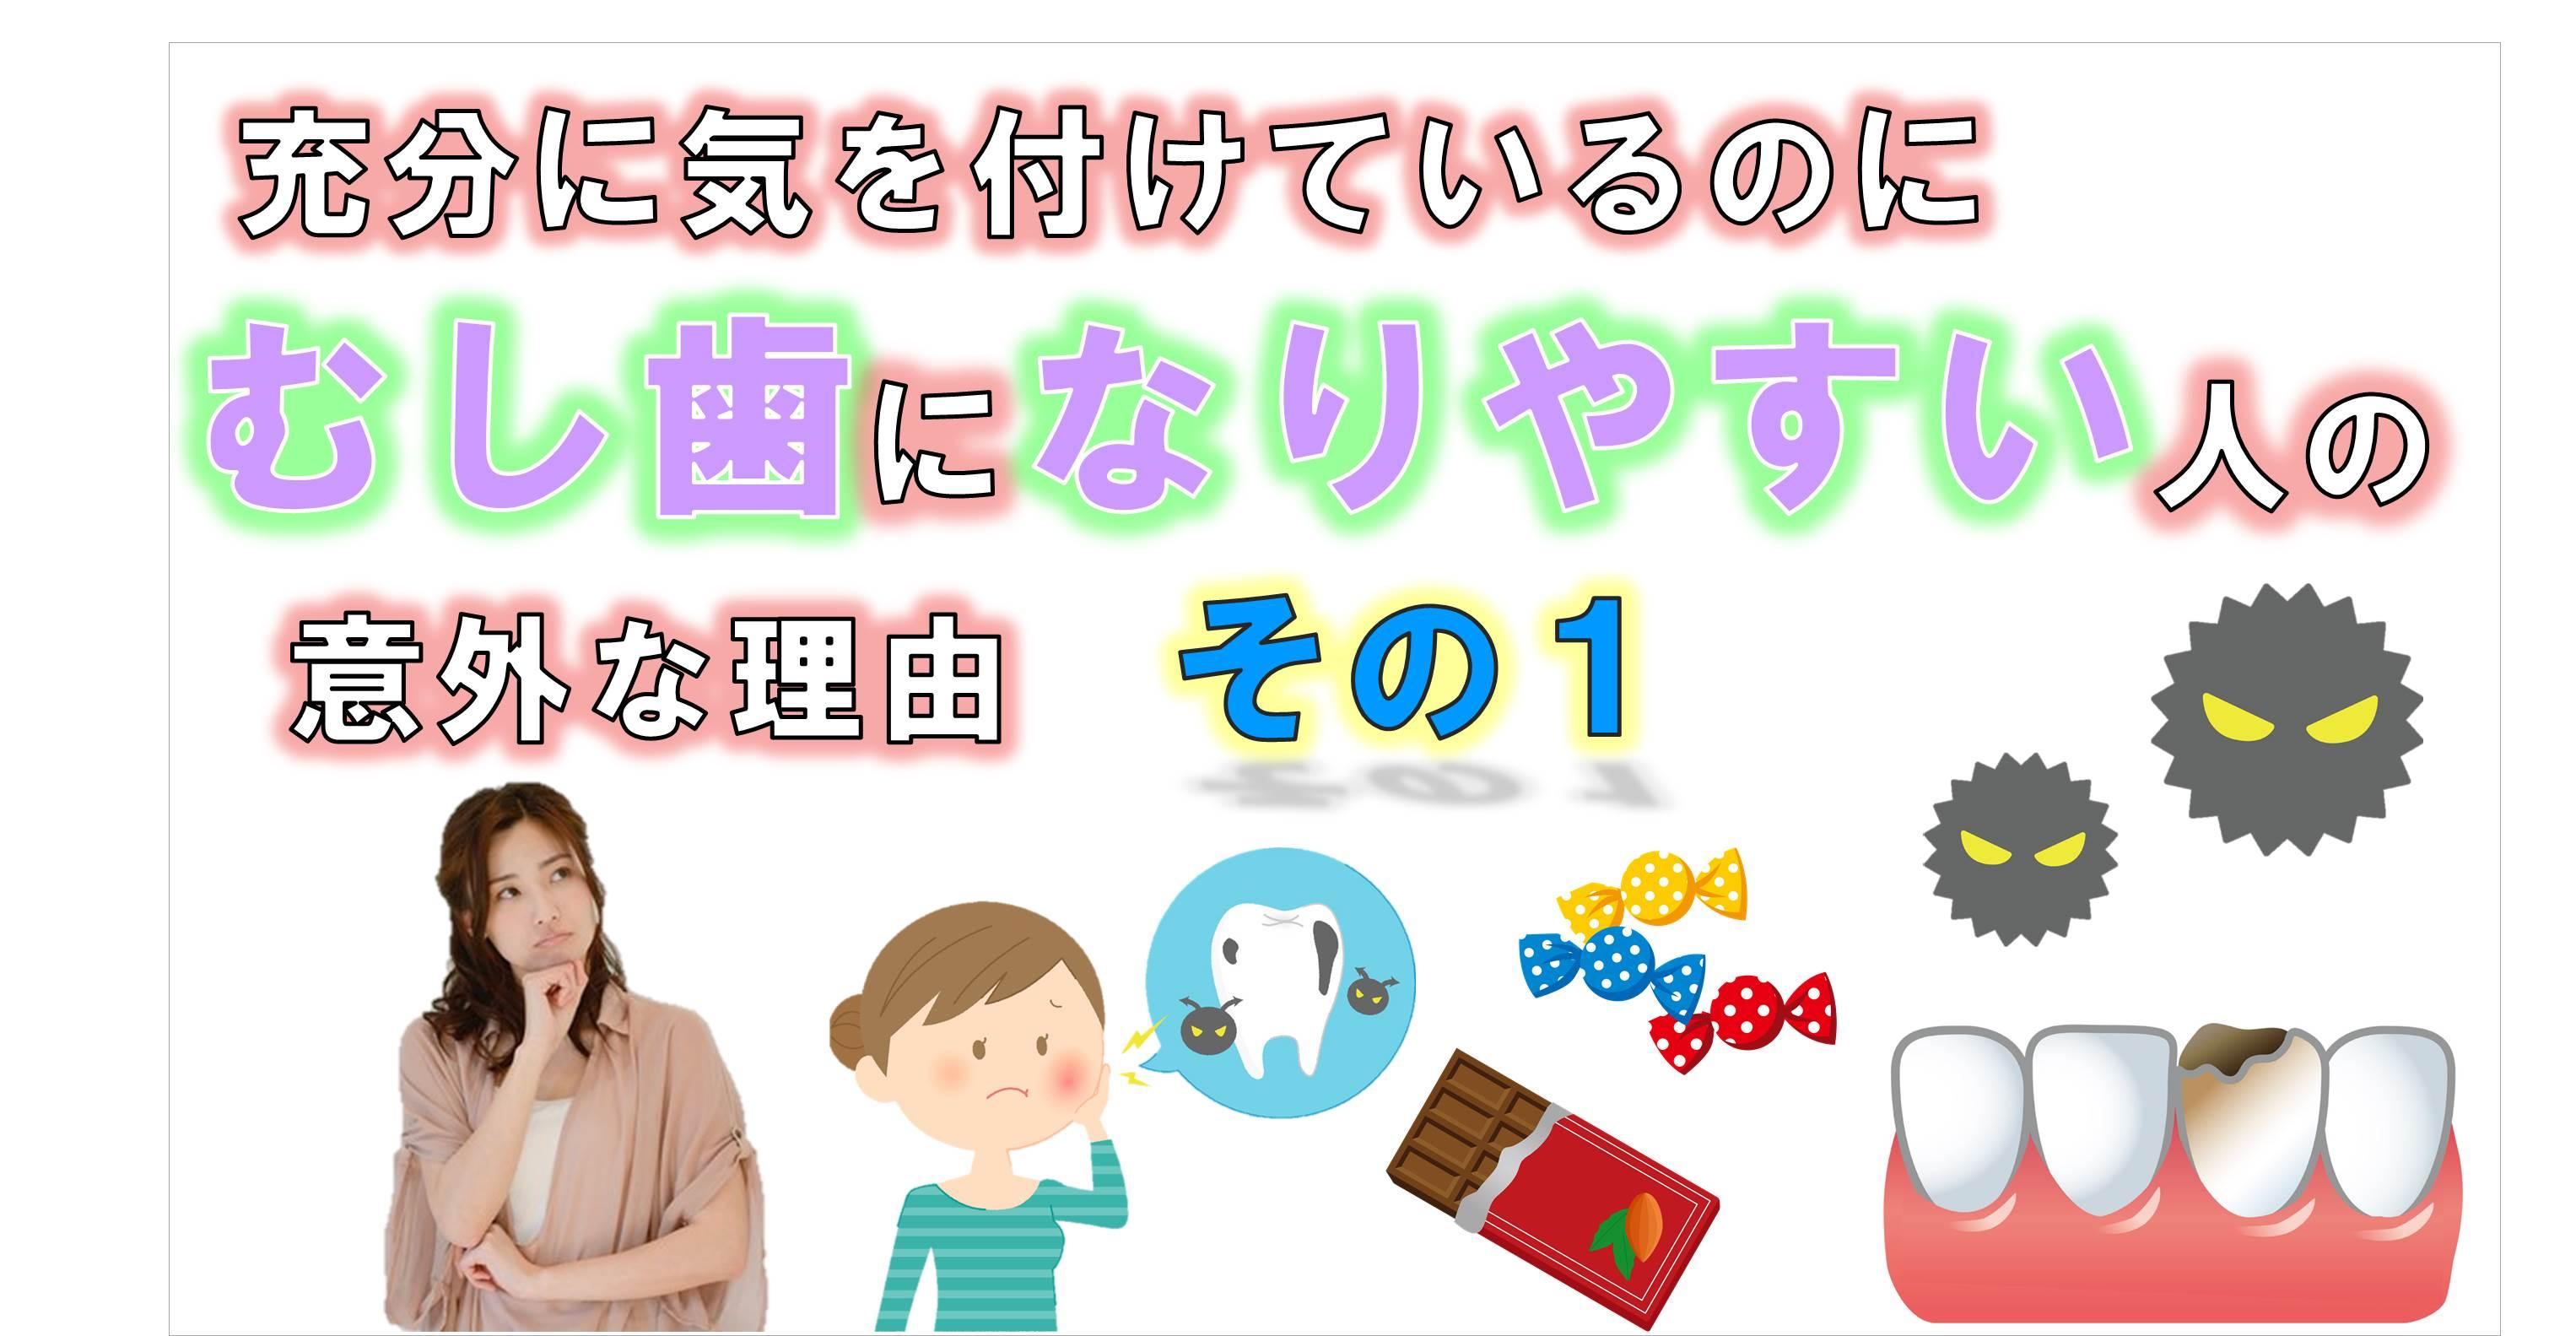 歯科 群馬 前橋 高崎 伊勢崎 桐生 太田 予防歯科 虫歯の原因